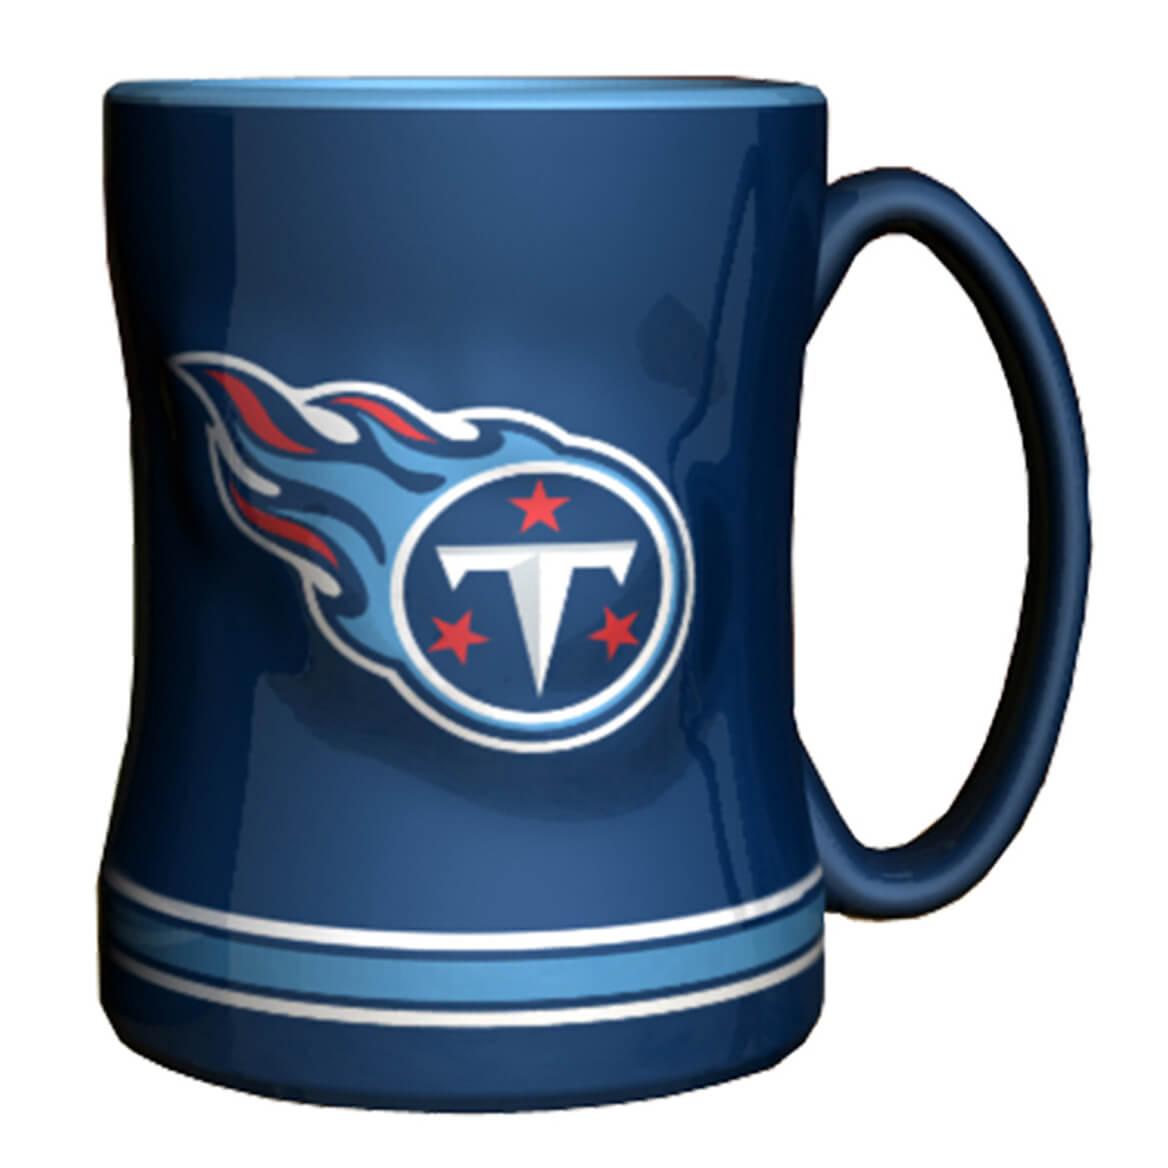 NFL Coffee Mugs  NFL Mugs  NFL Coffee Cups  NFL Cups  Walter Drake